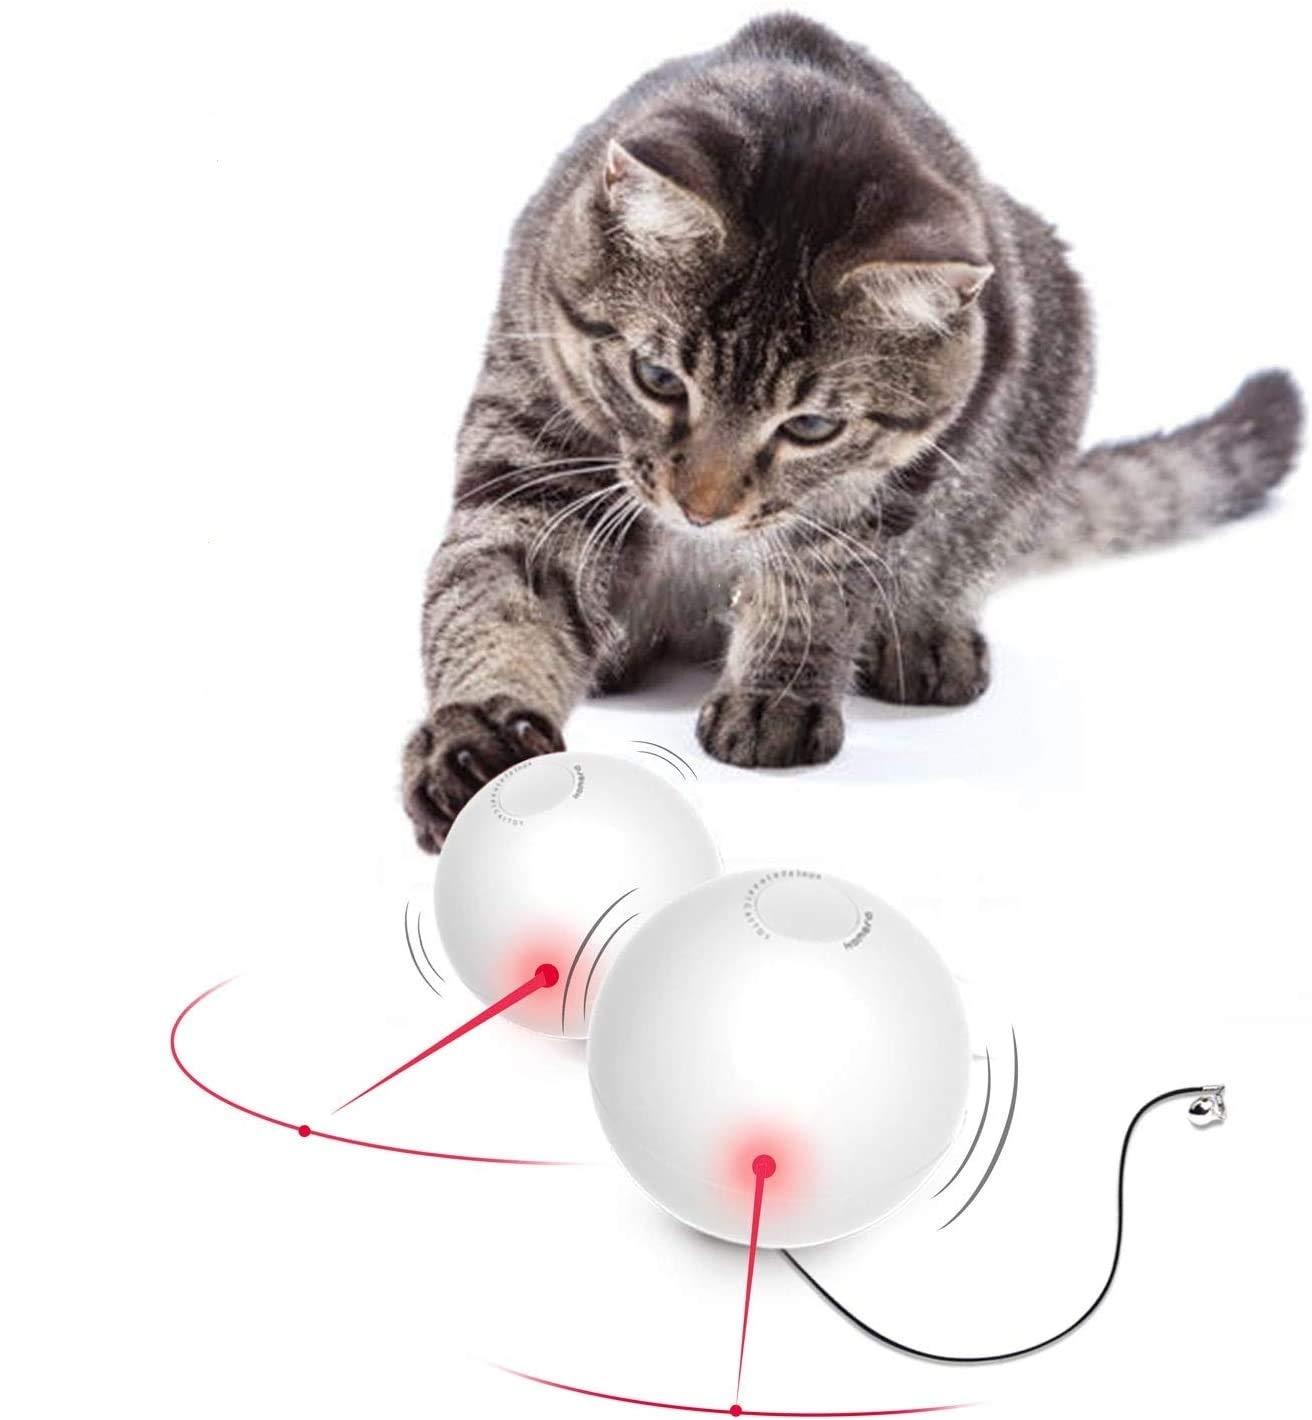 HAPPY HACHI Juguetes Gatos Pelotas Interactivos con Campanilla Luz LED Bola Gato Juguete Gatito Entretenimiento 360 Grados Giratoria Automática Apagado Automático (Baterias Incluidas): Amazon.es: Productos para mascotas